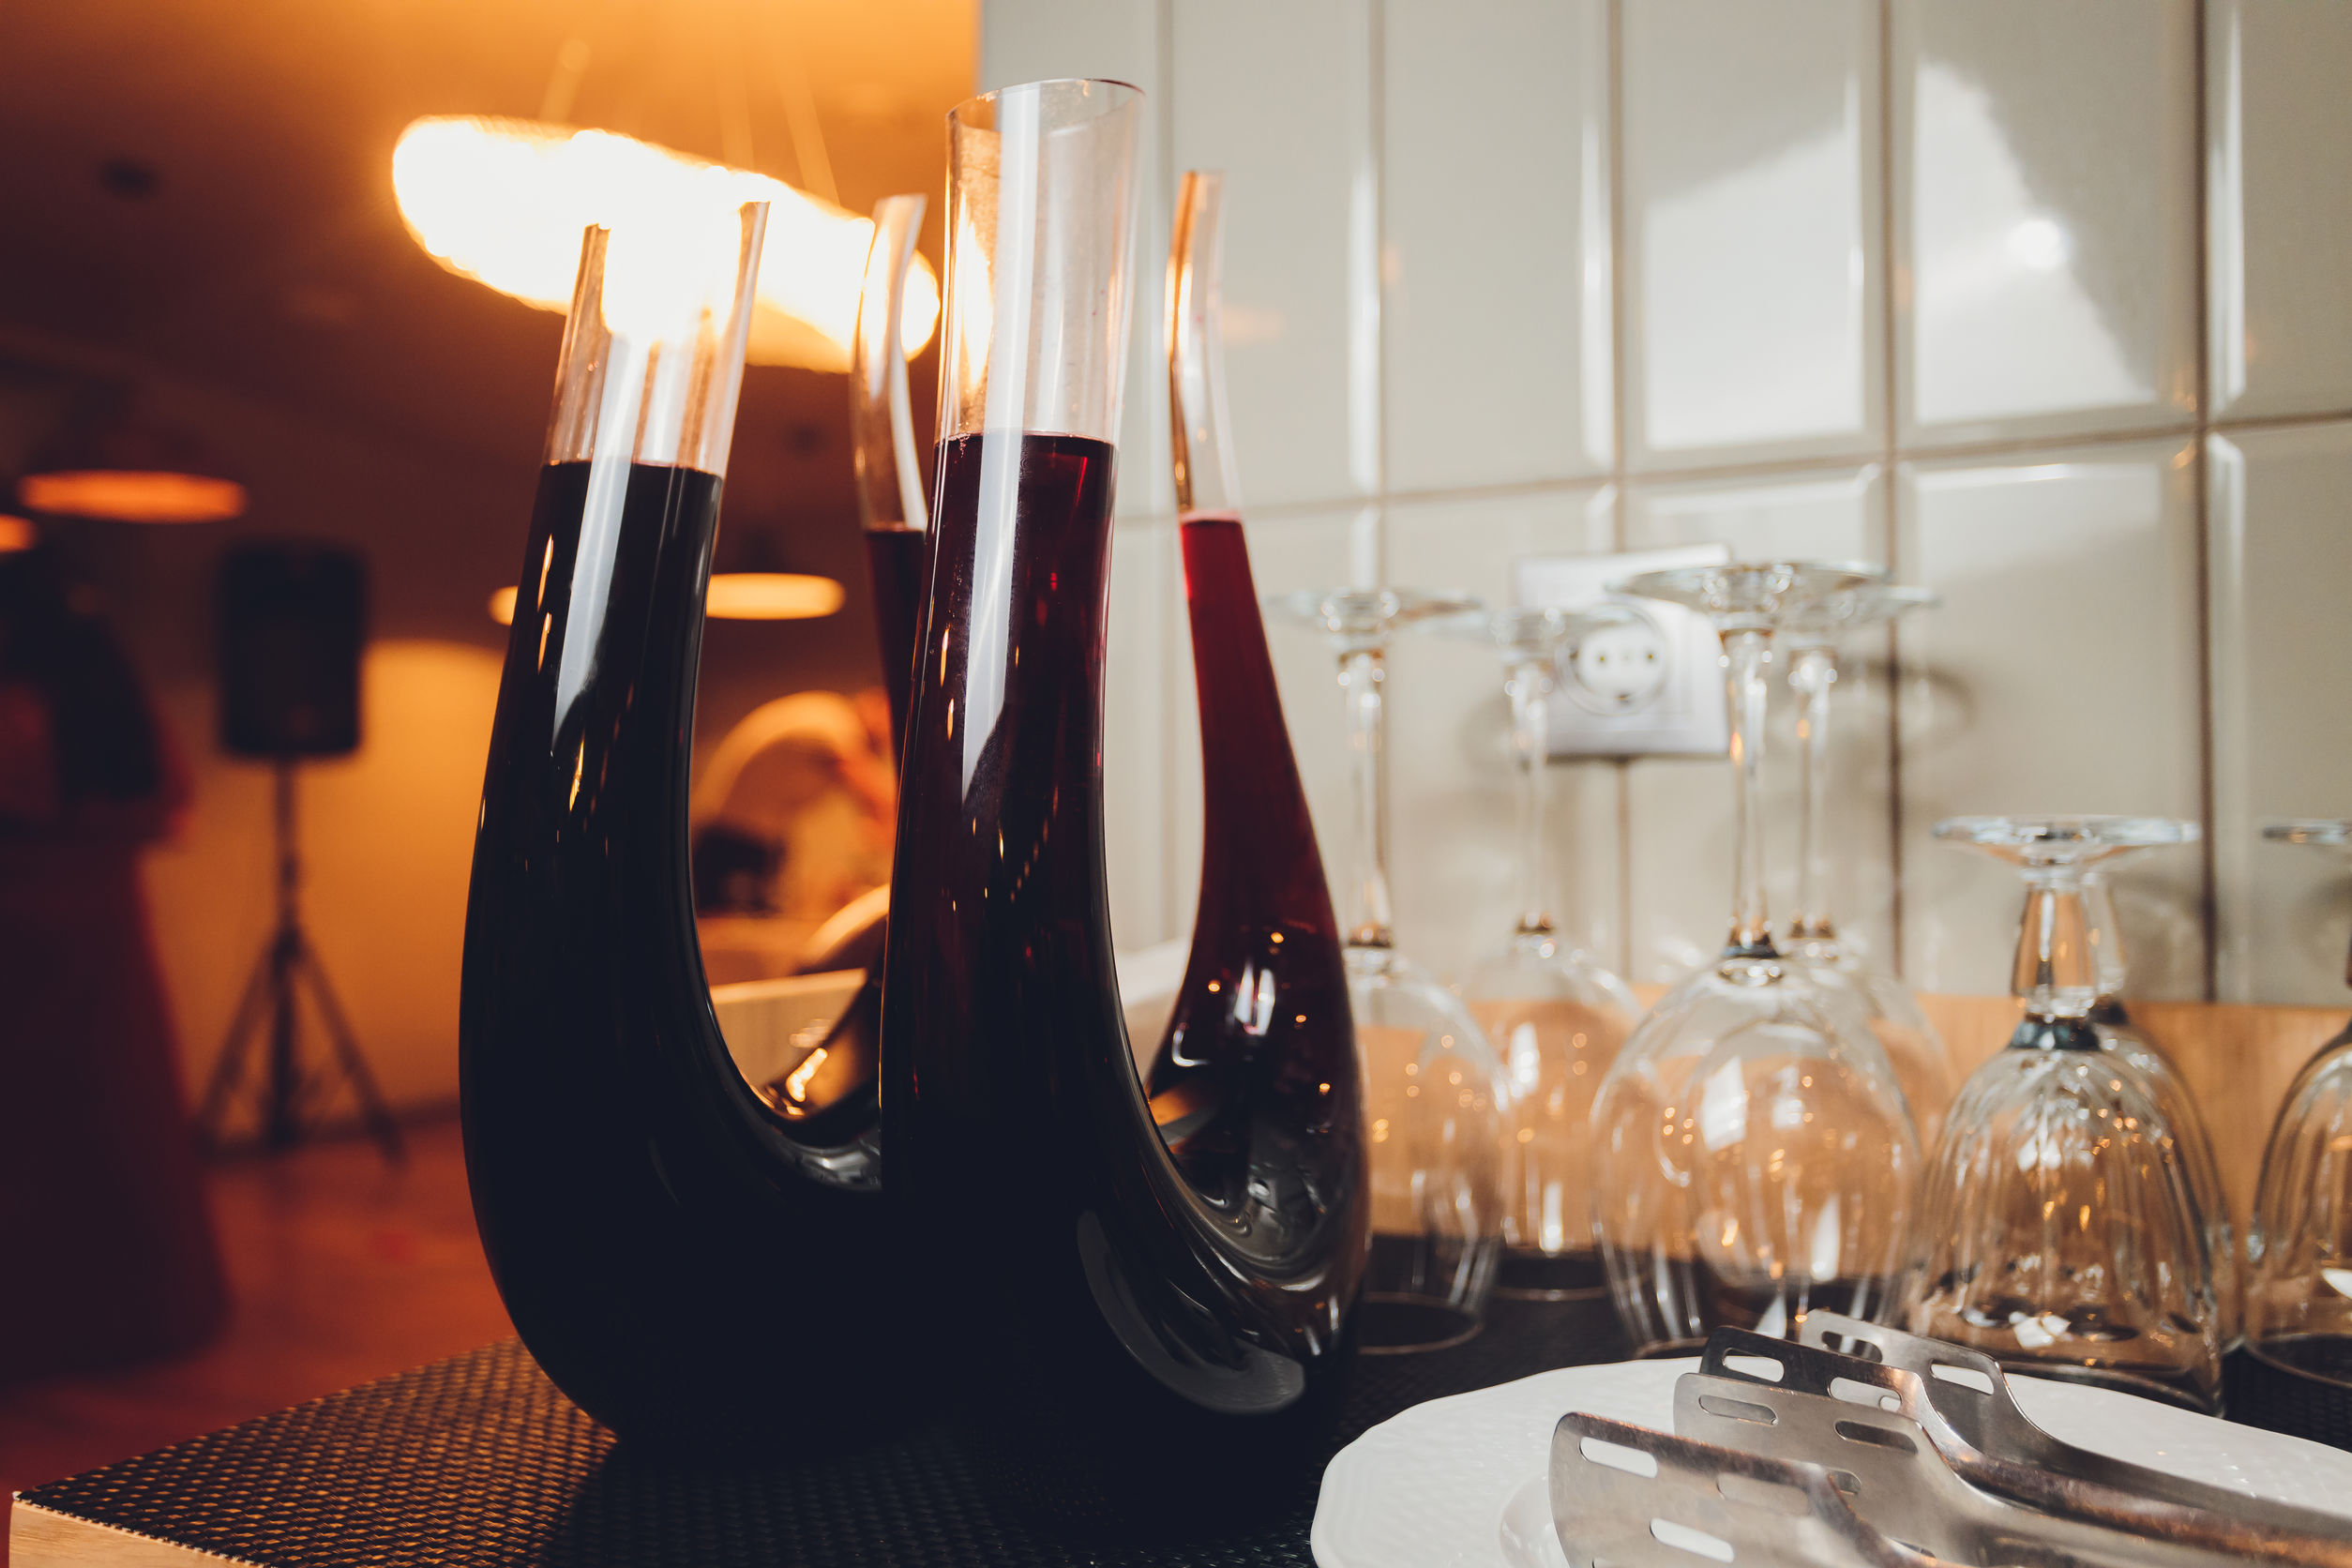 decanters na mesa com taças de vinho ao lado